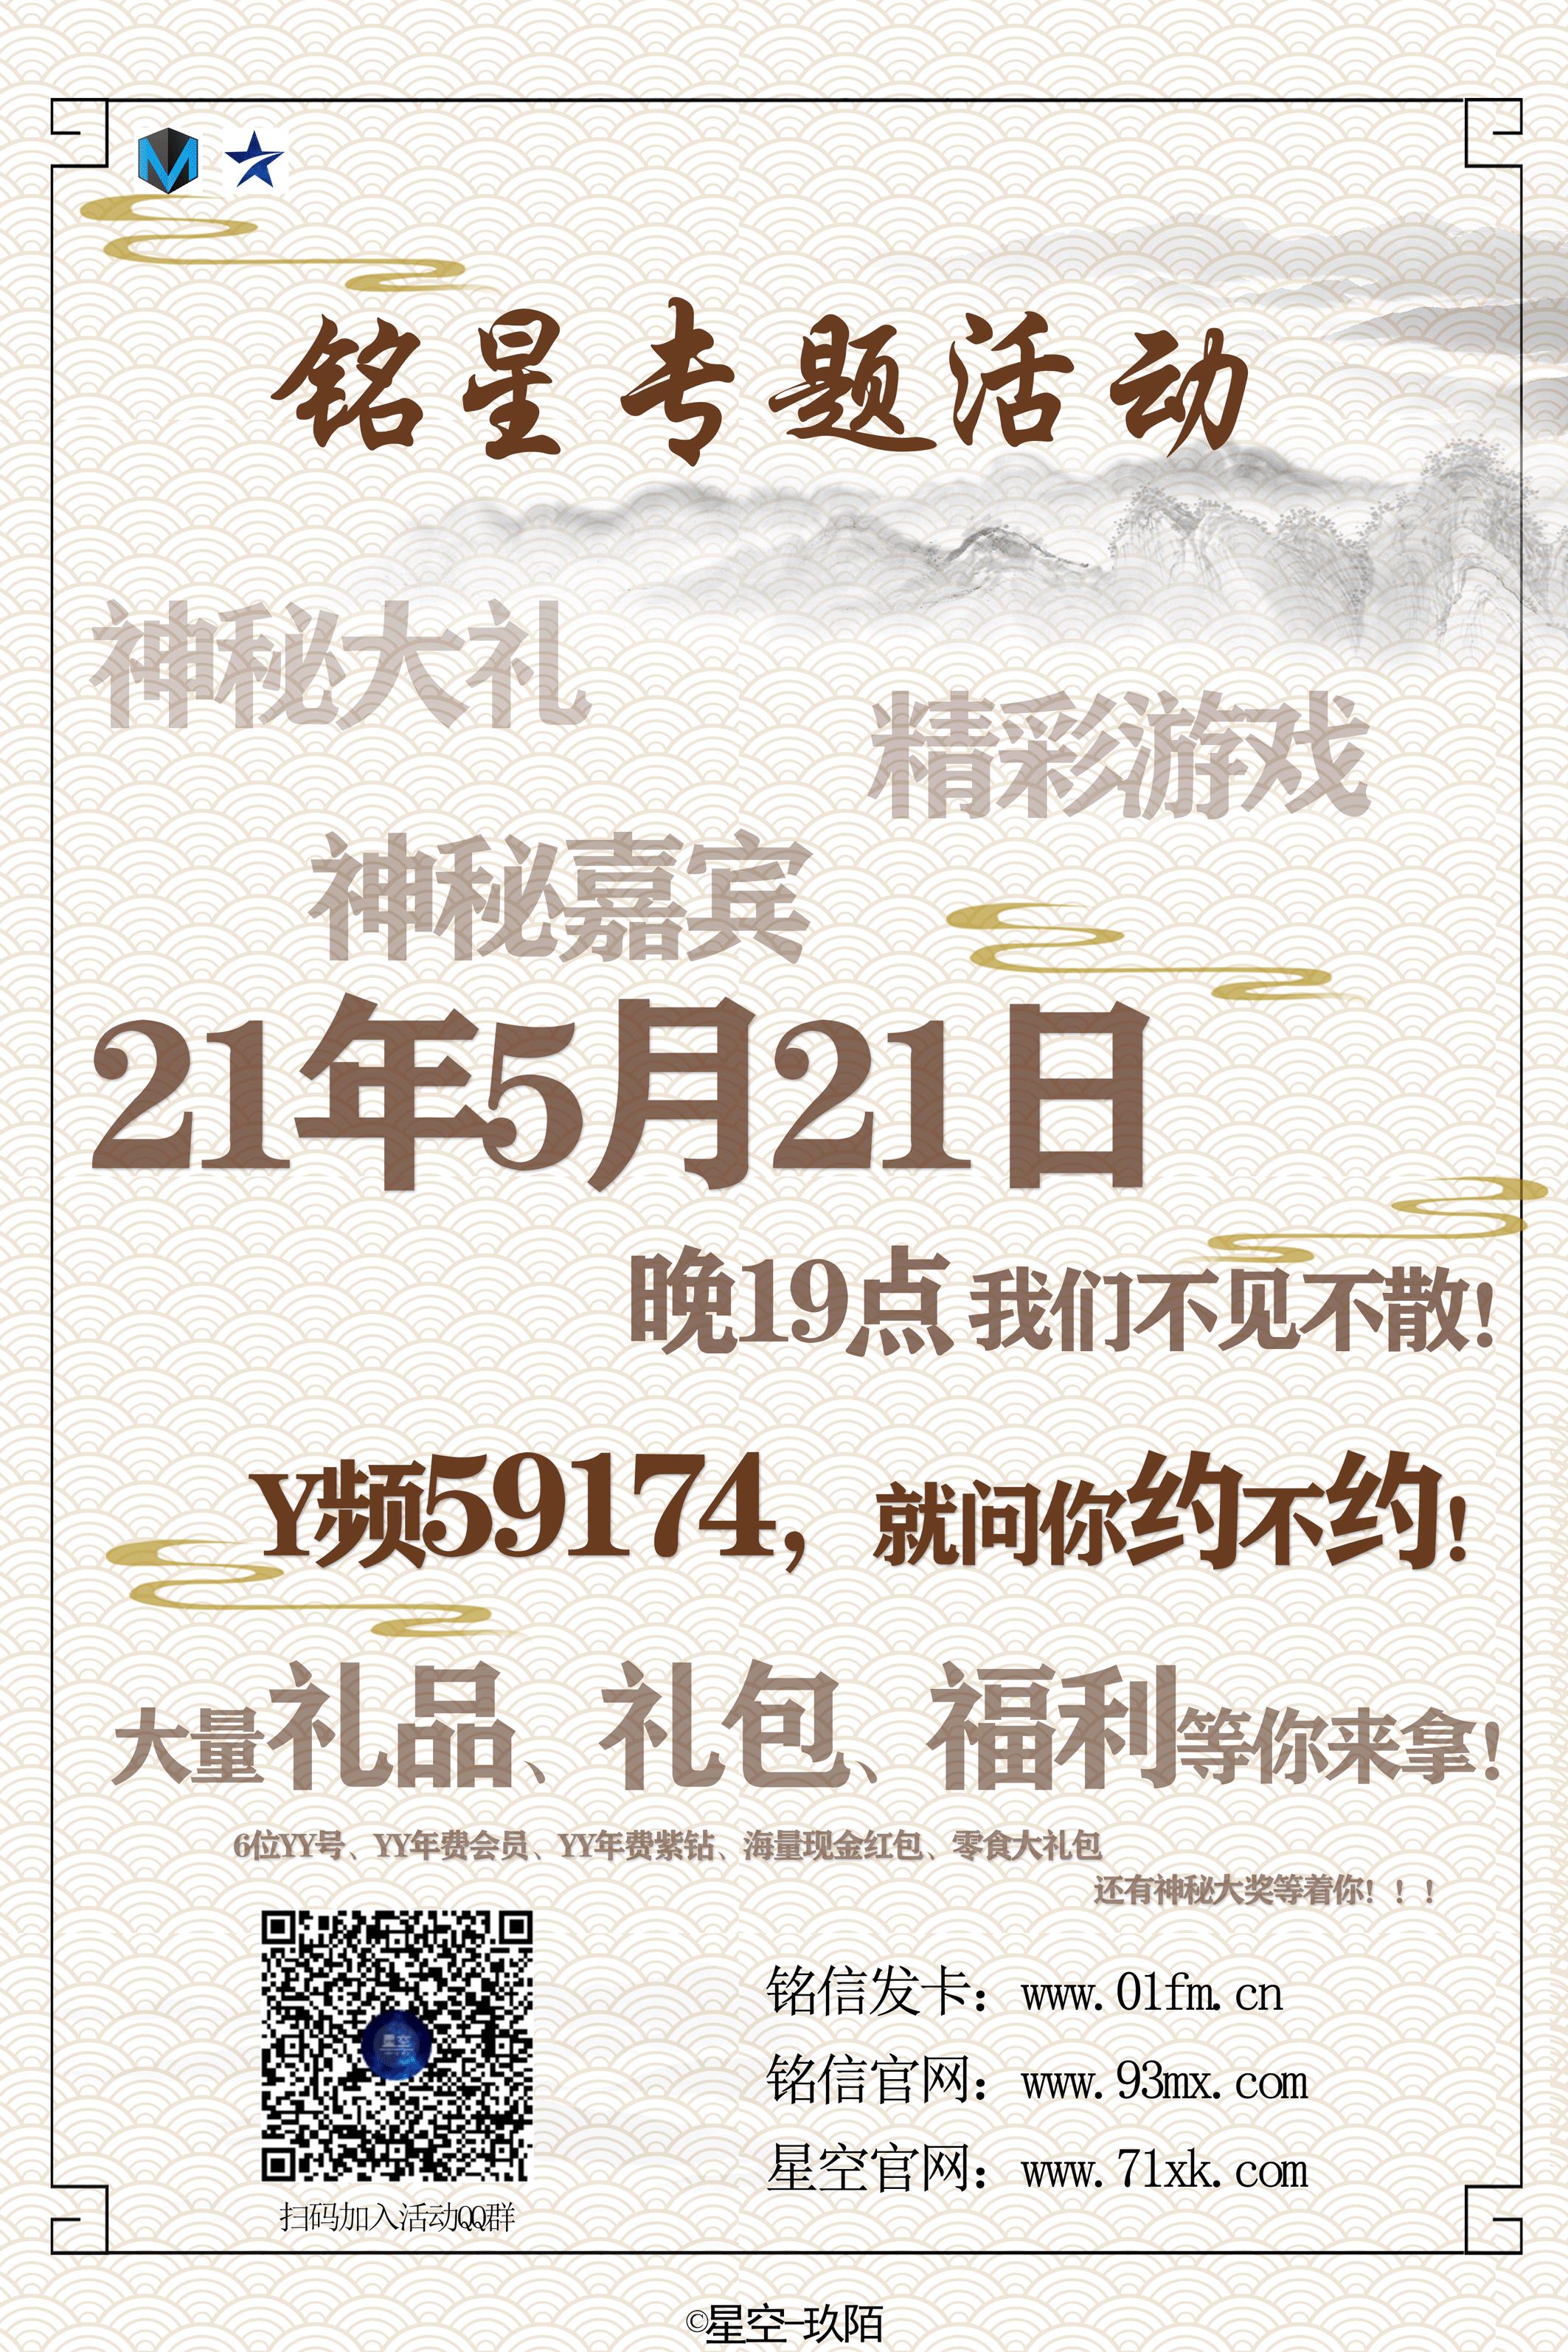 210521活动海报.png